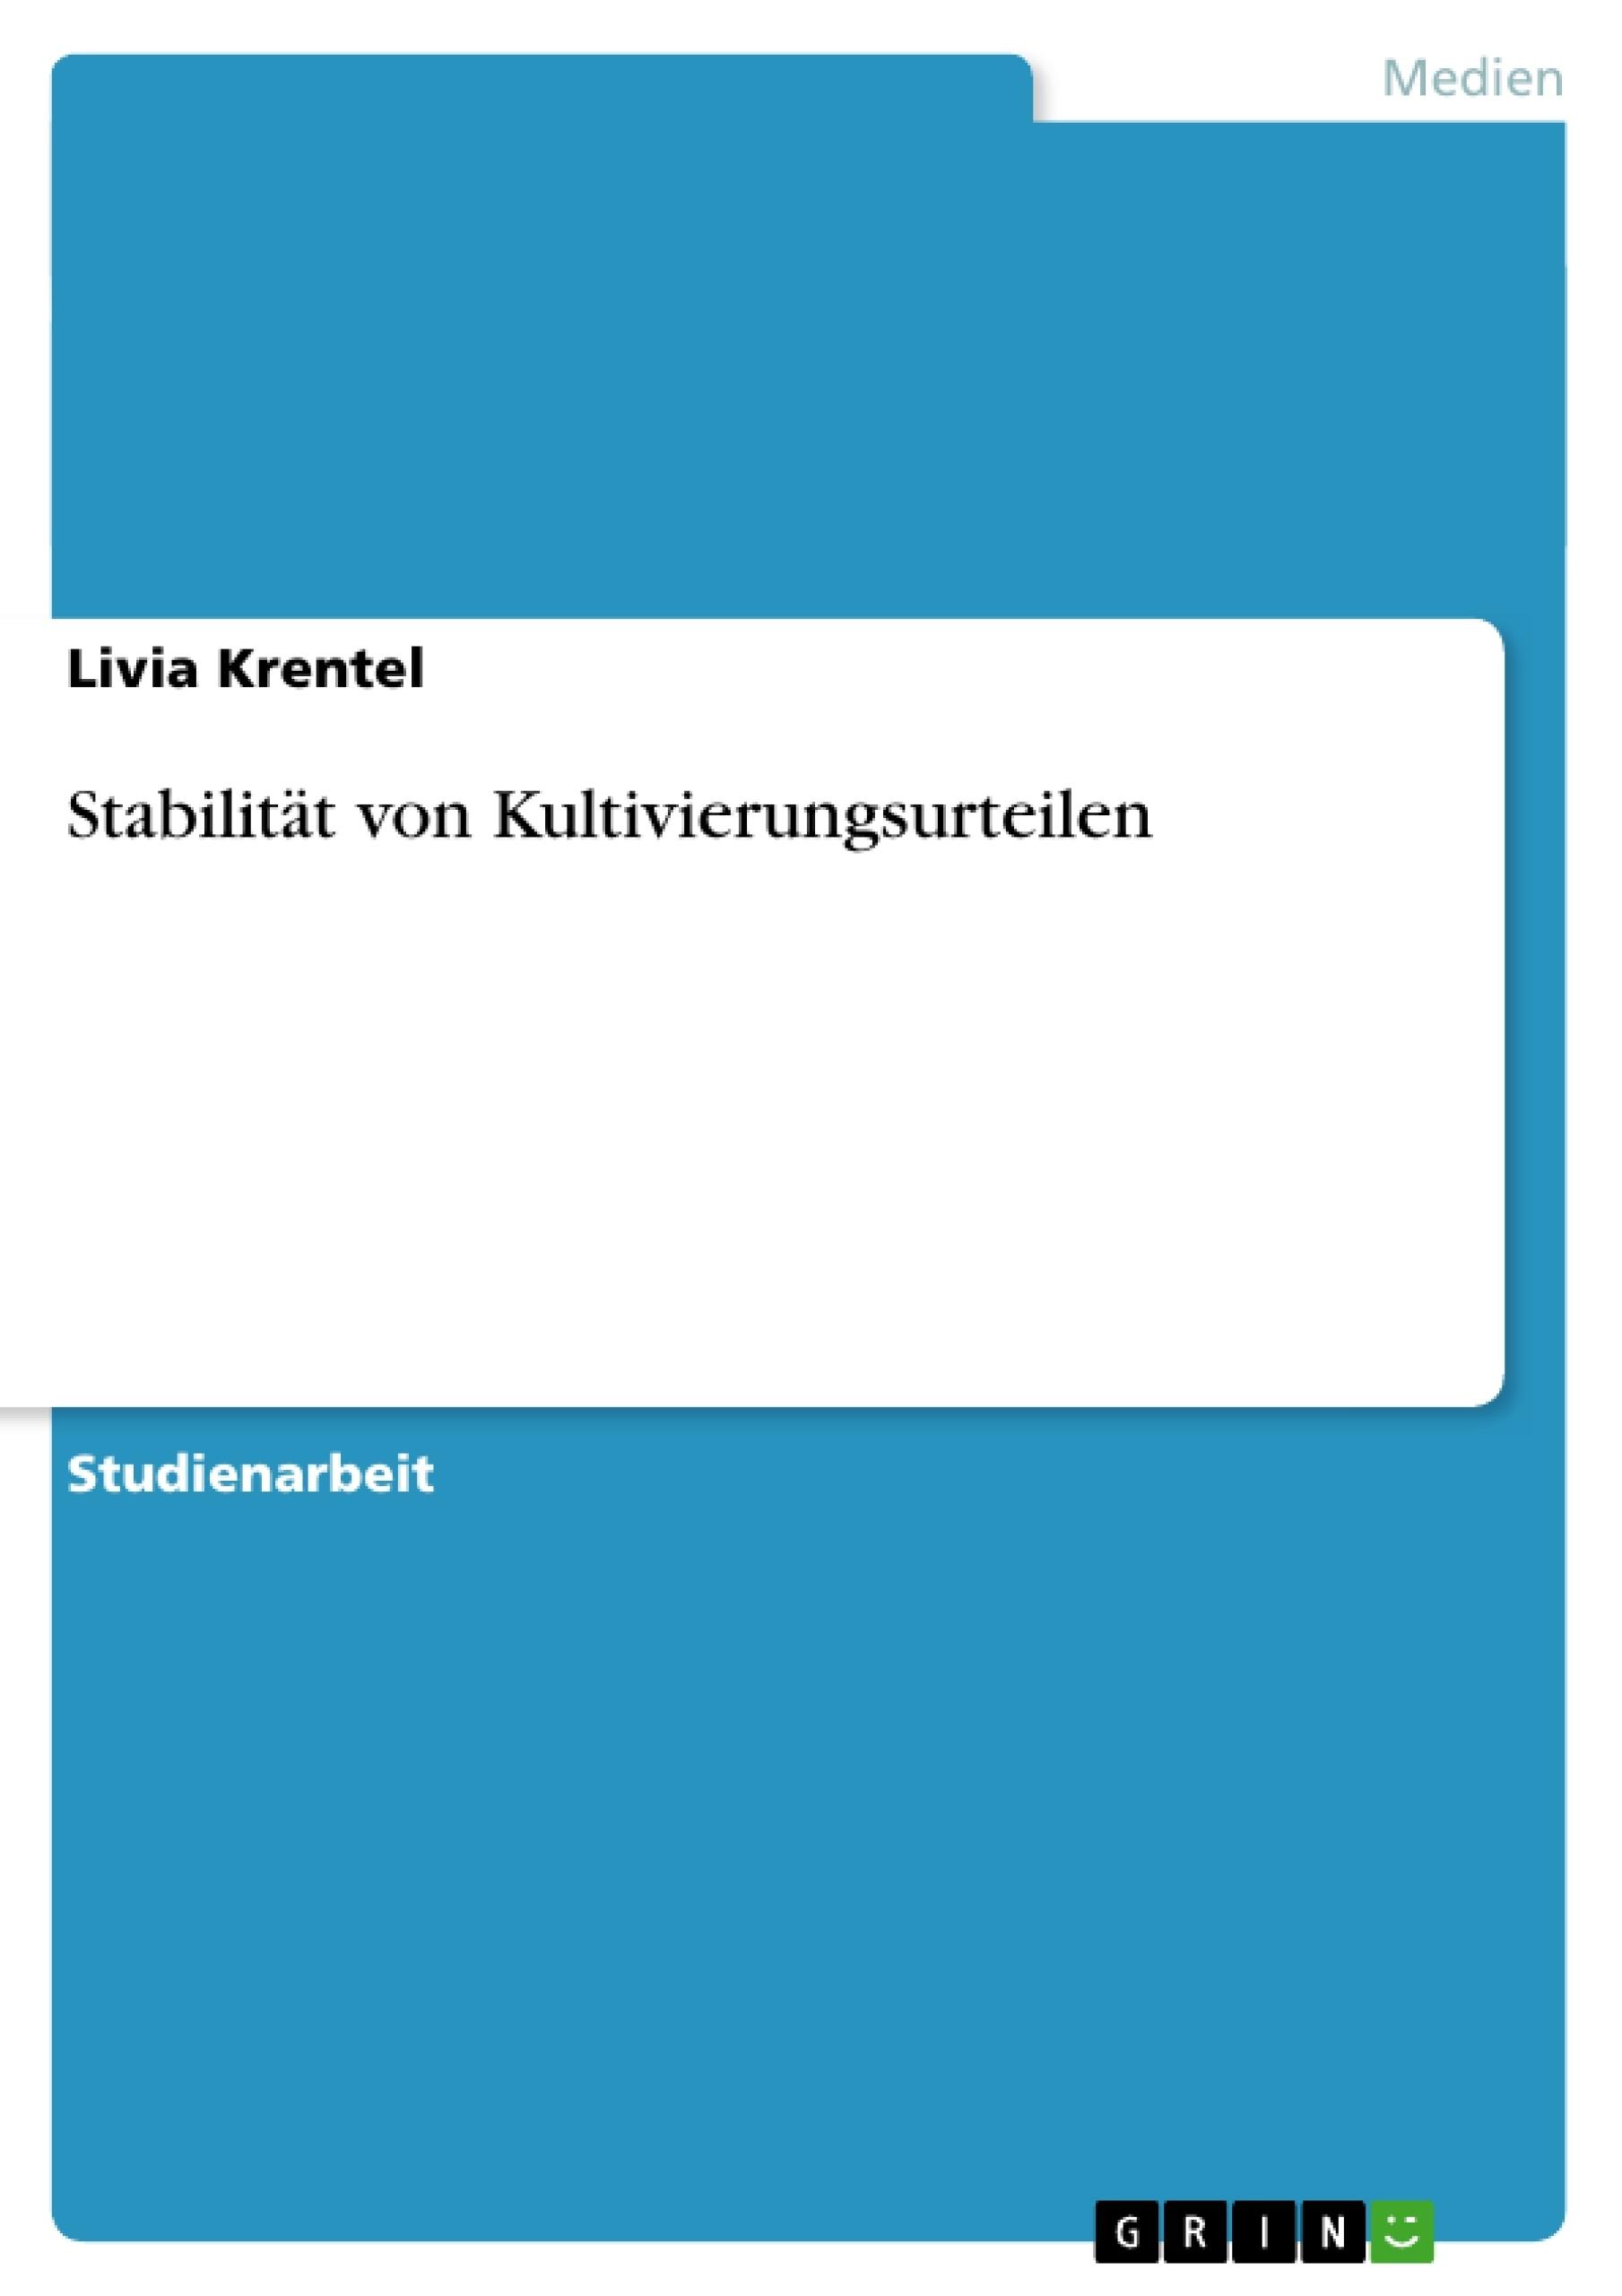 Titel: Stabilität von Kultivierungsurteilen